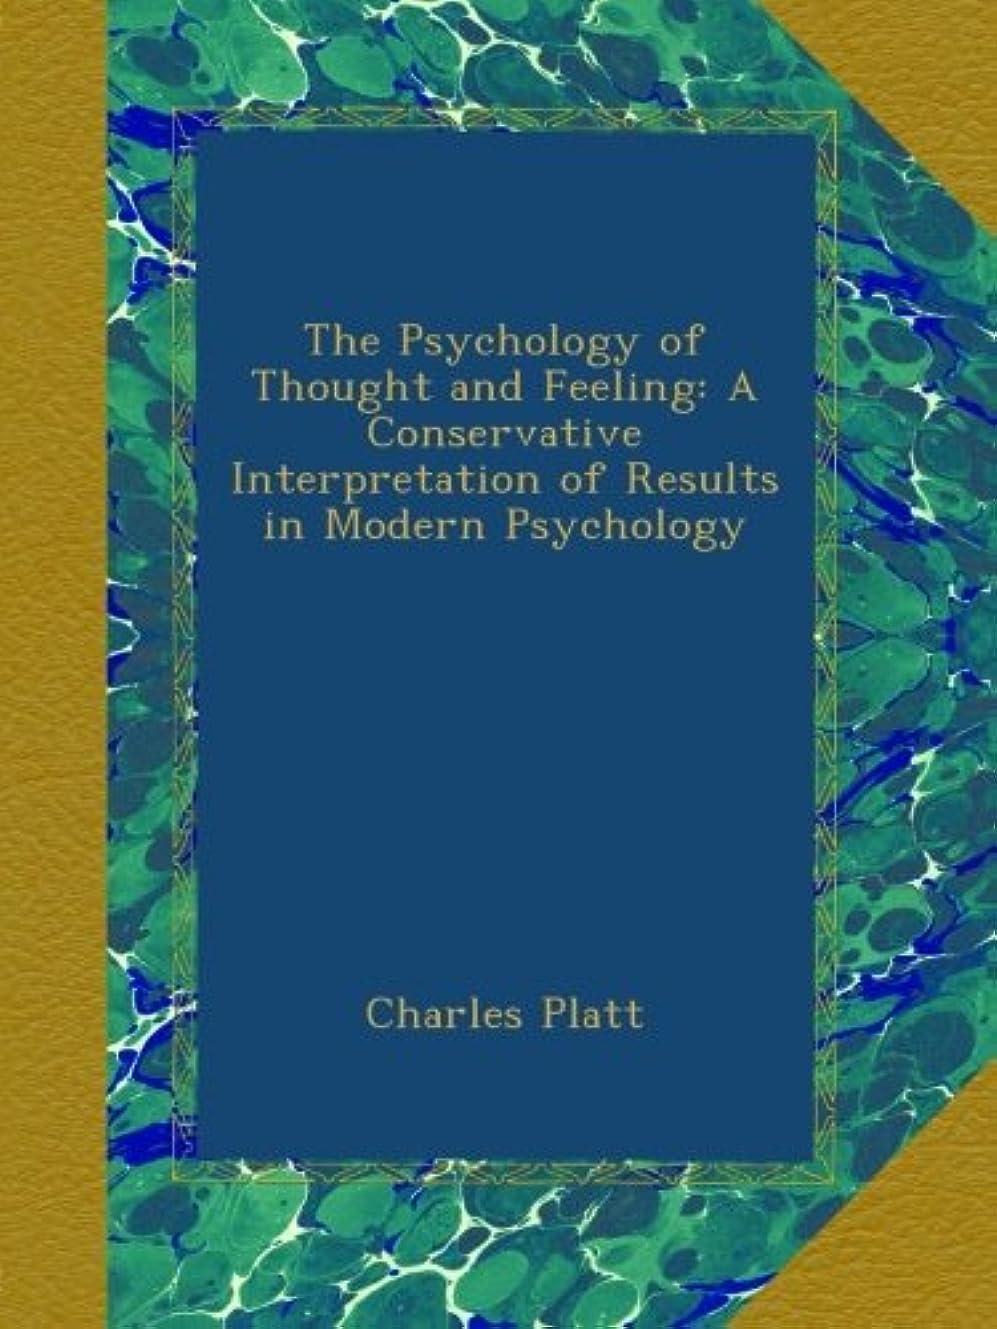 制限子羊掃くThe Psychology of Thought and Feeling: A Conservative Interpretation of Results in Modern Psychology